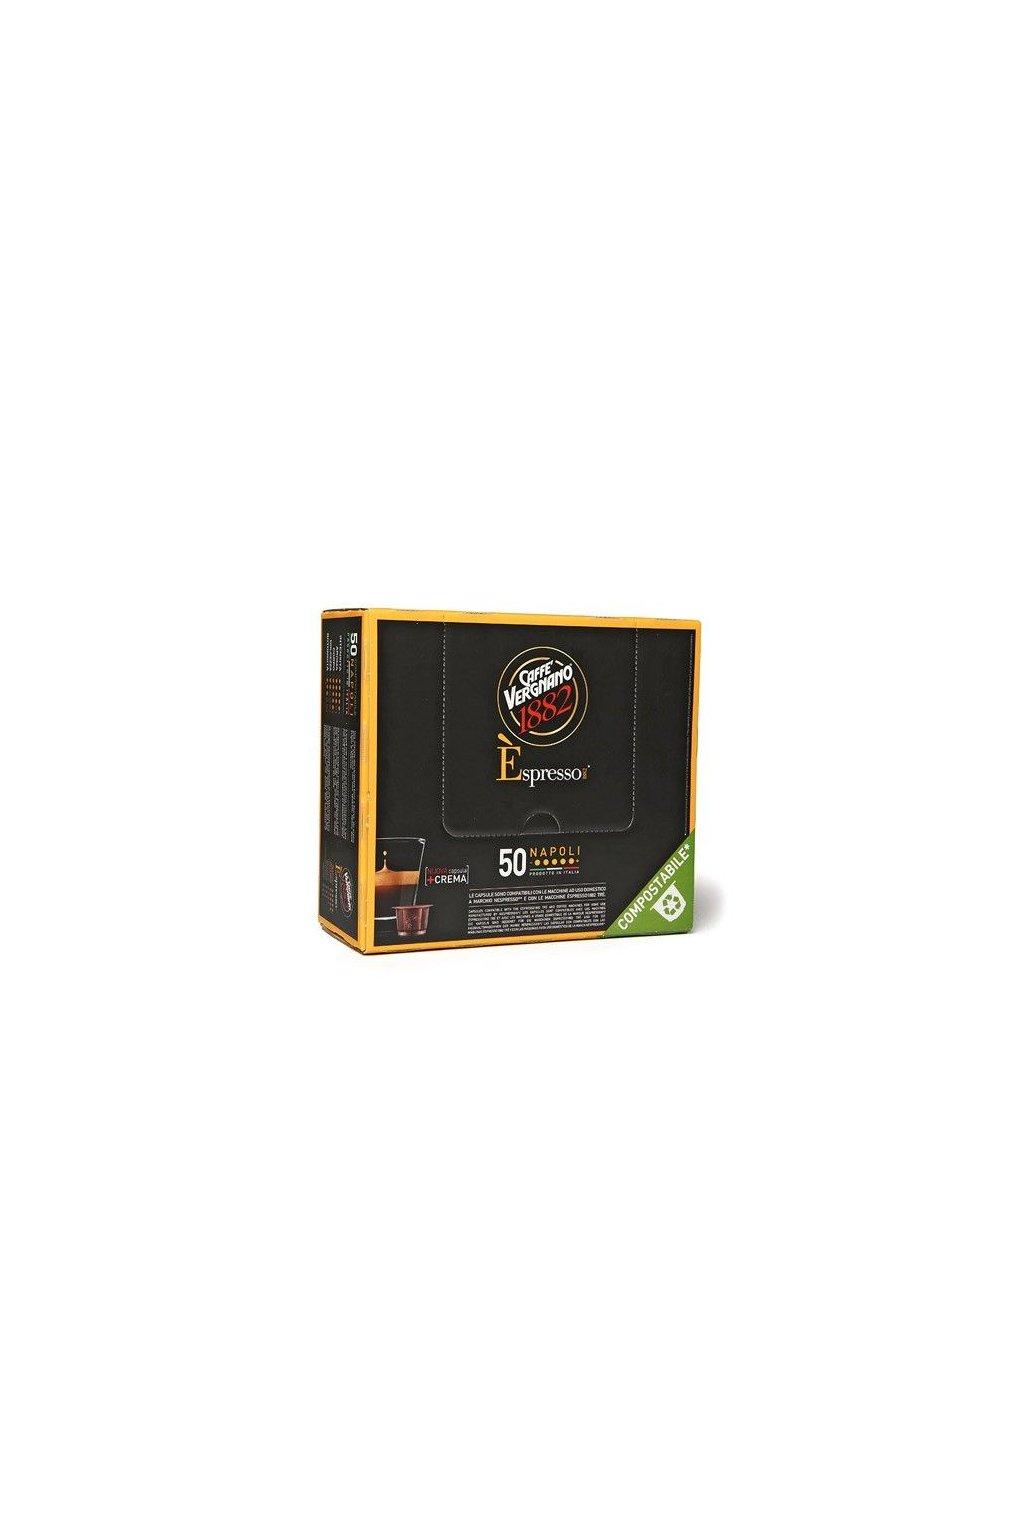 pack 50 espresso1882 napoli 3